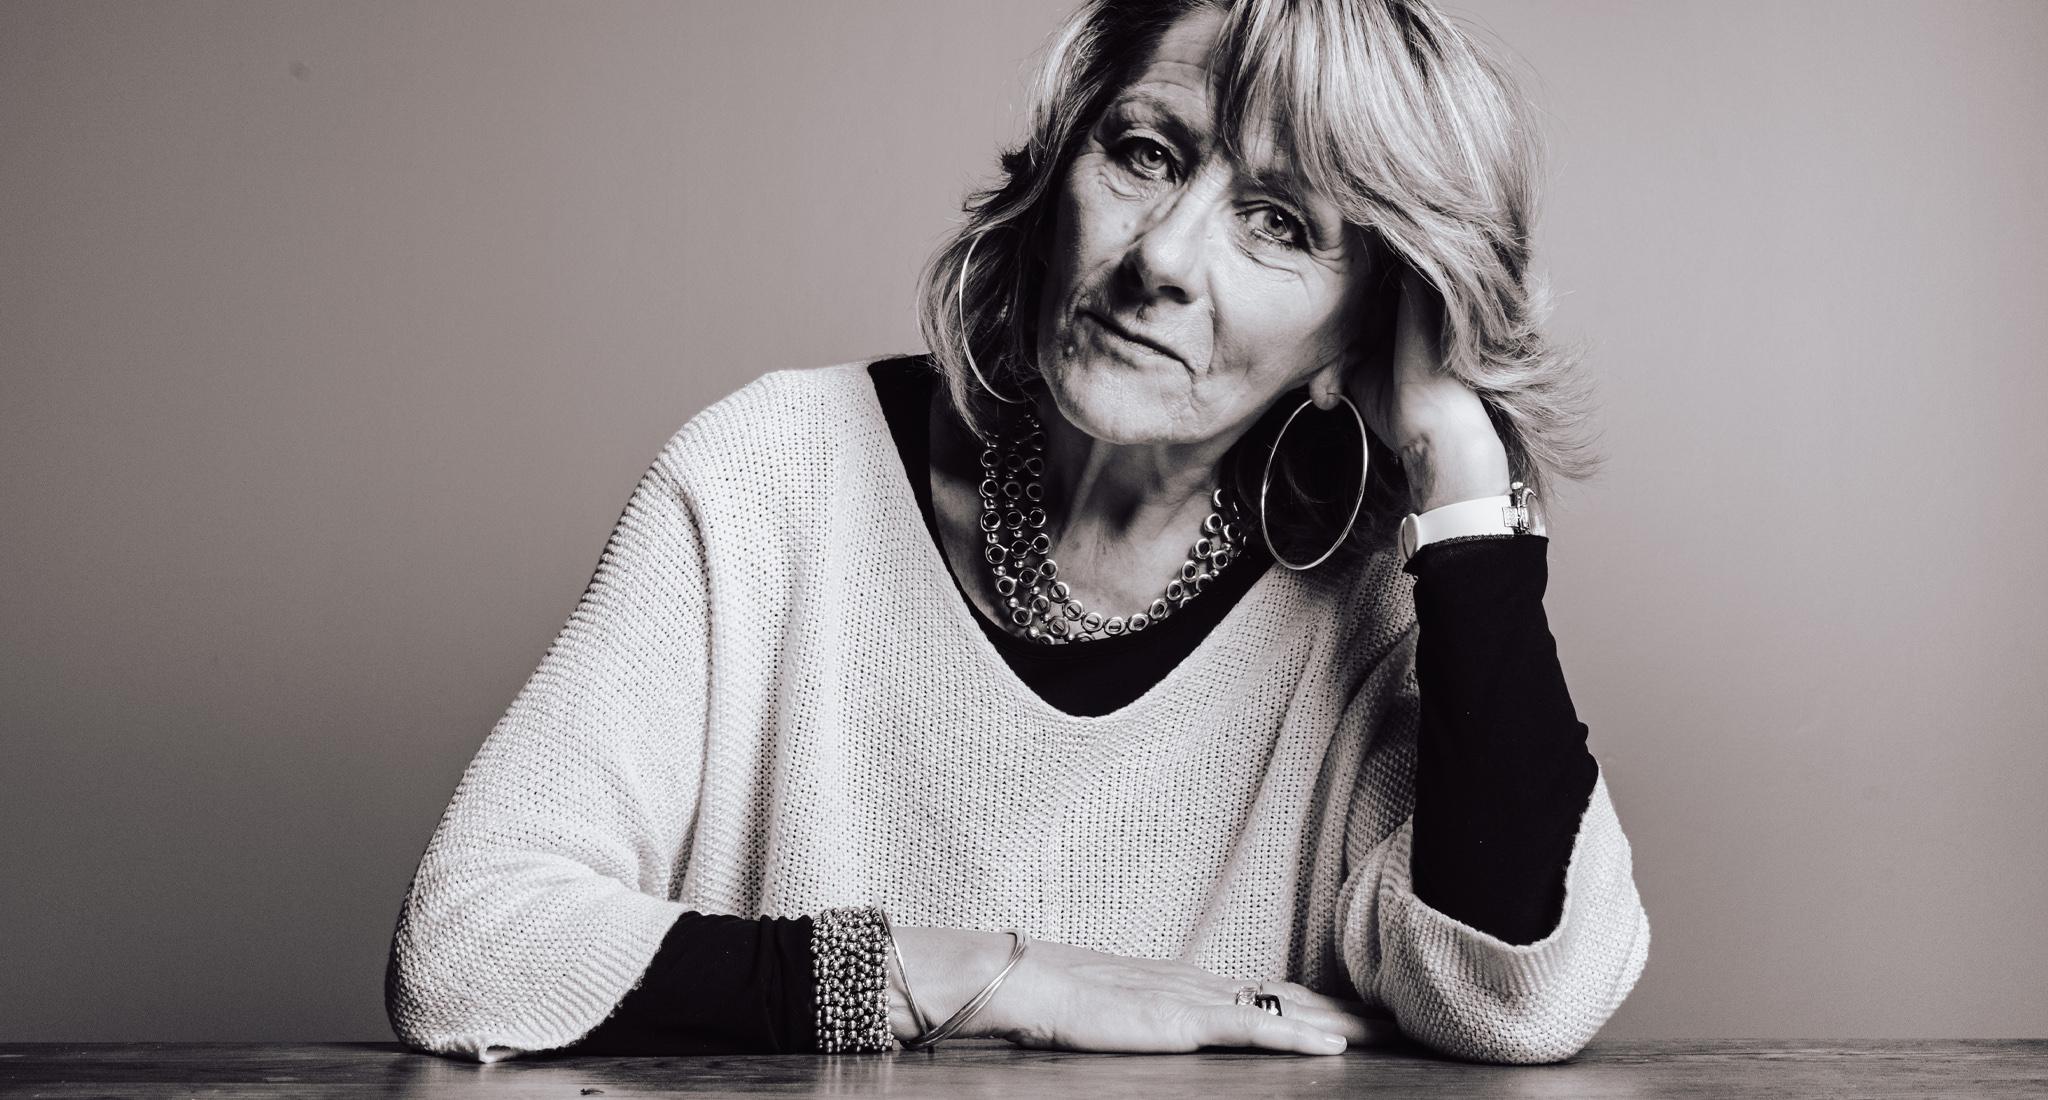 un portrait d'une femme qui s'appuie sur la table, photo en noir et blanc, portrait estime soi, studio rennes